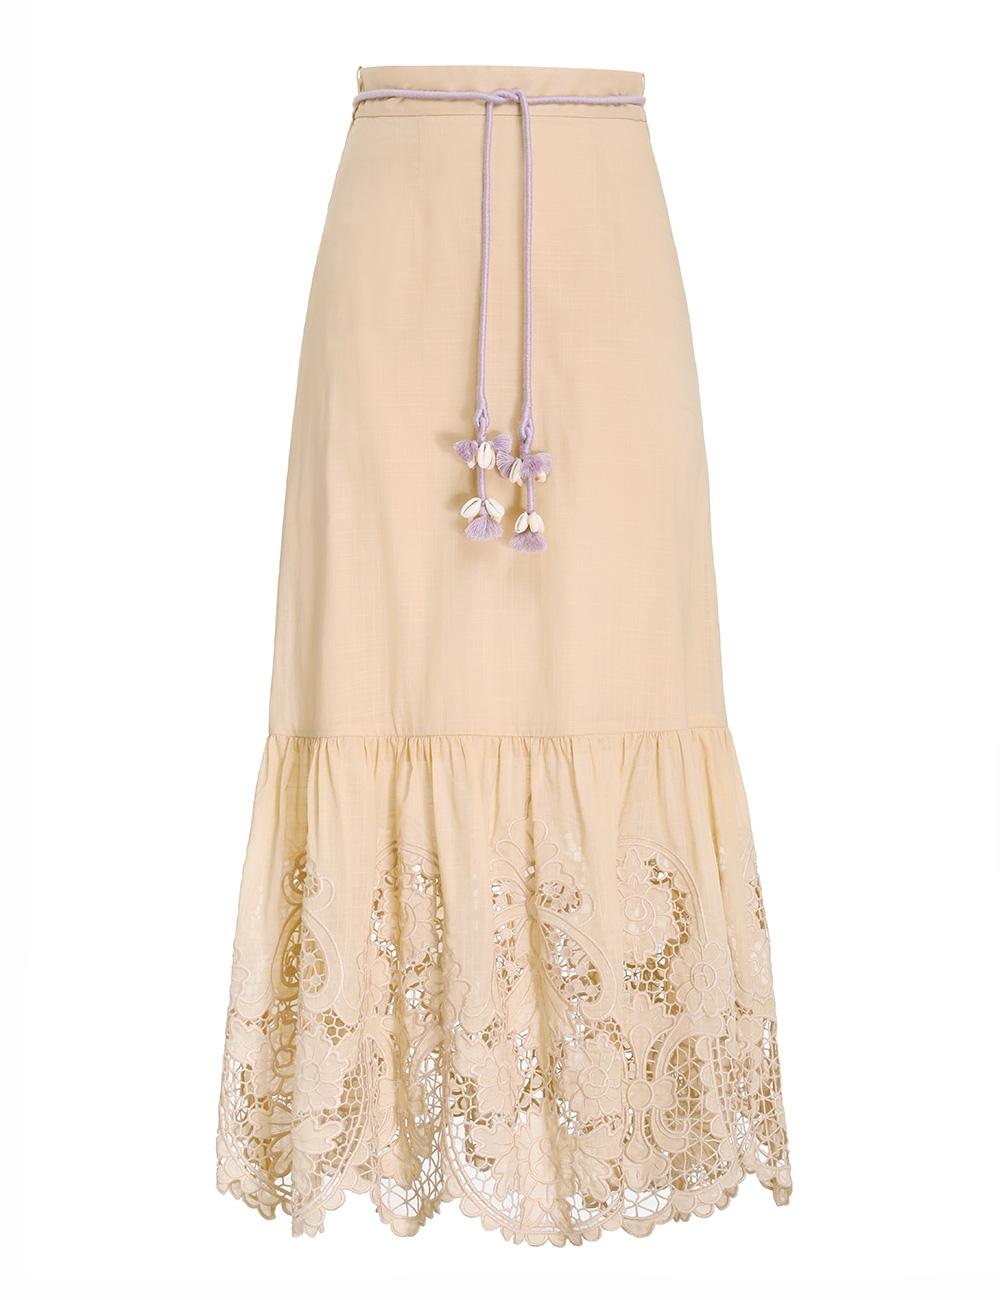 Brighton Scallop Frill Skirt